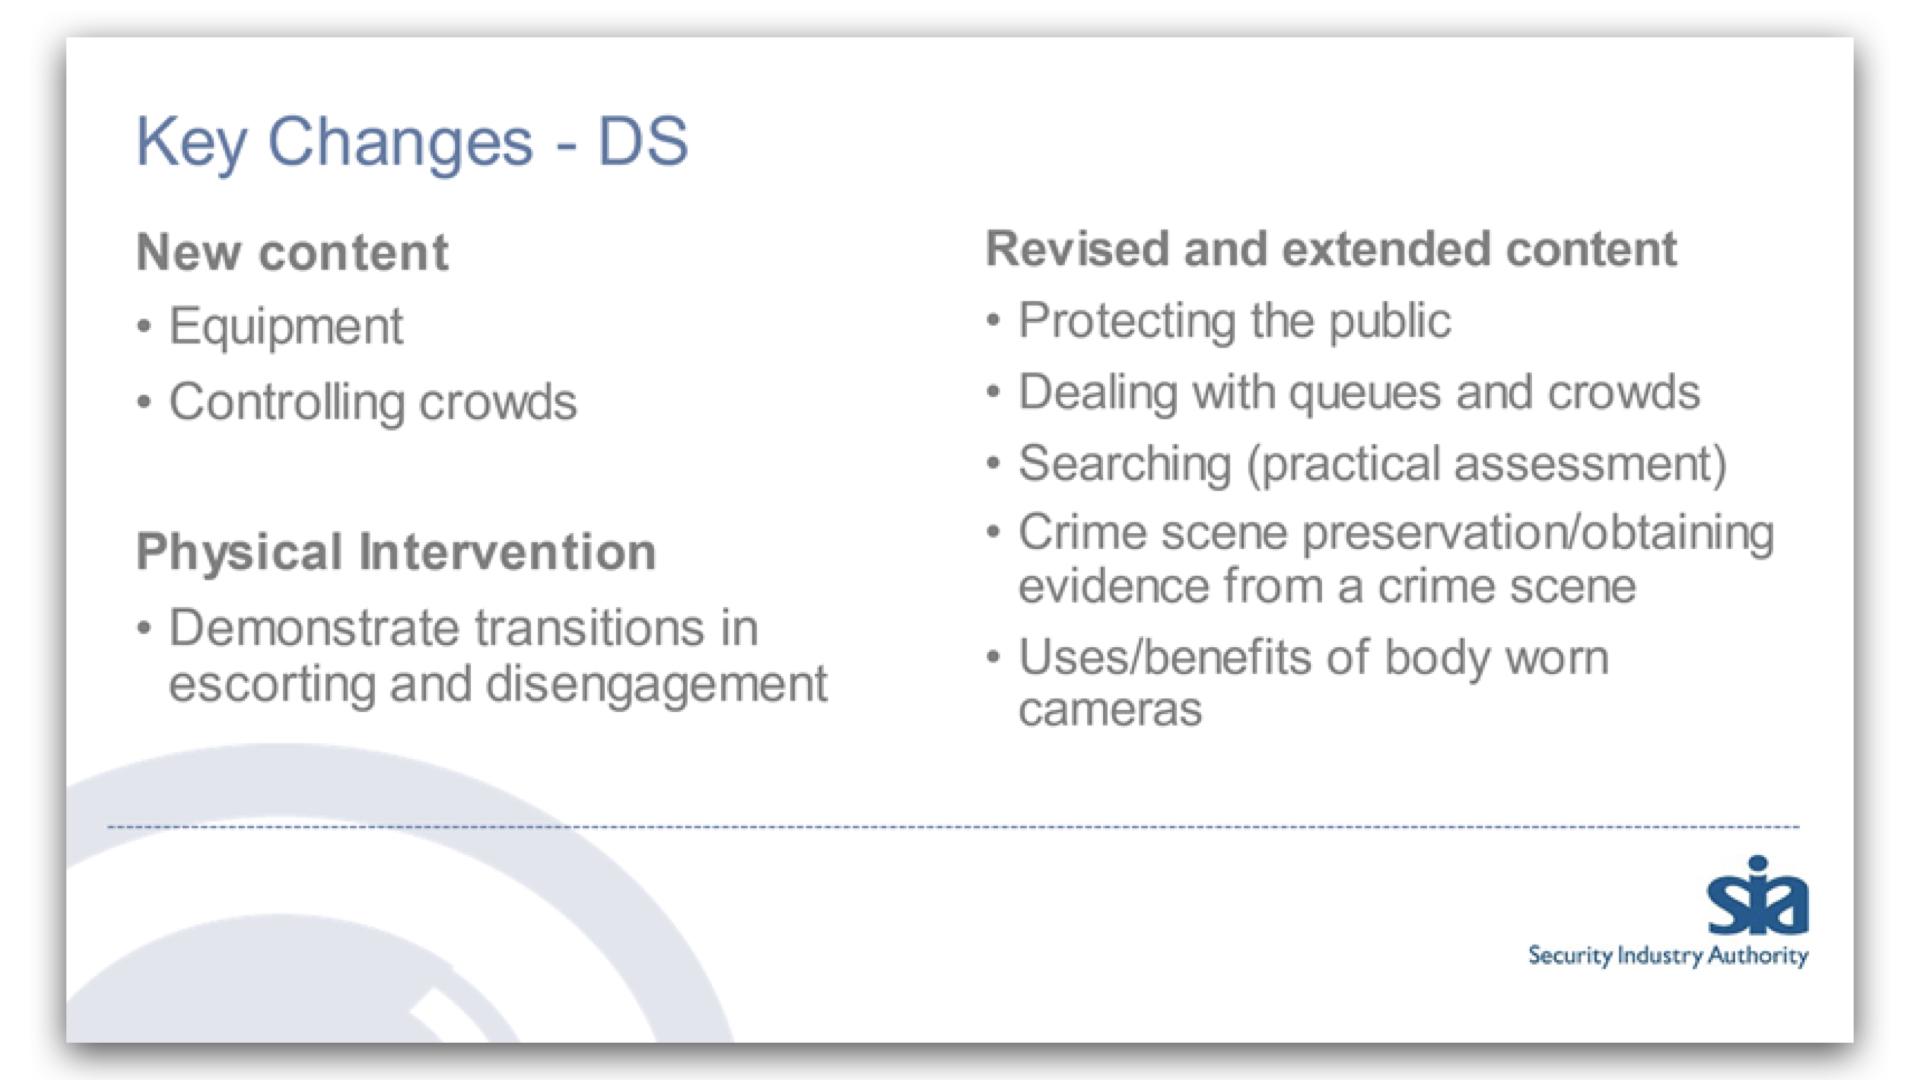 Key Changes For Door Supervisors